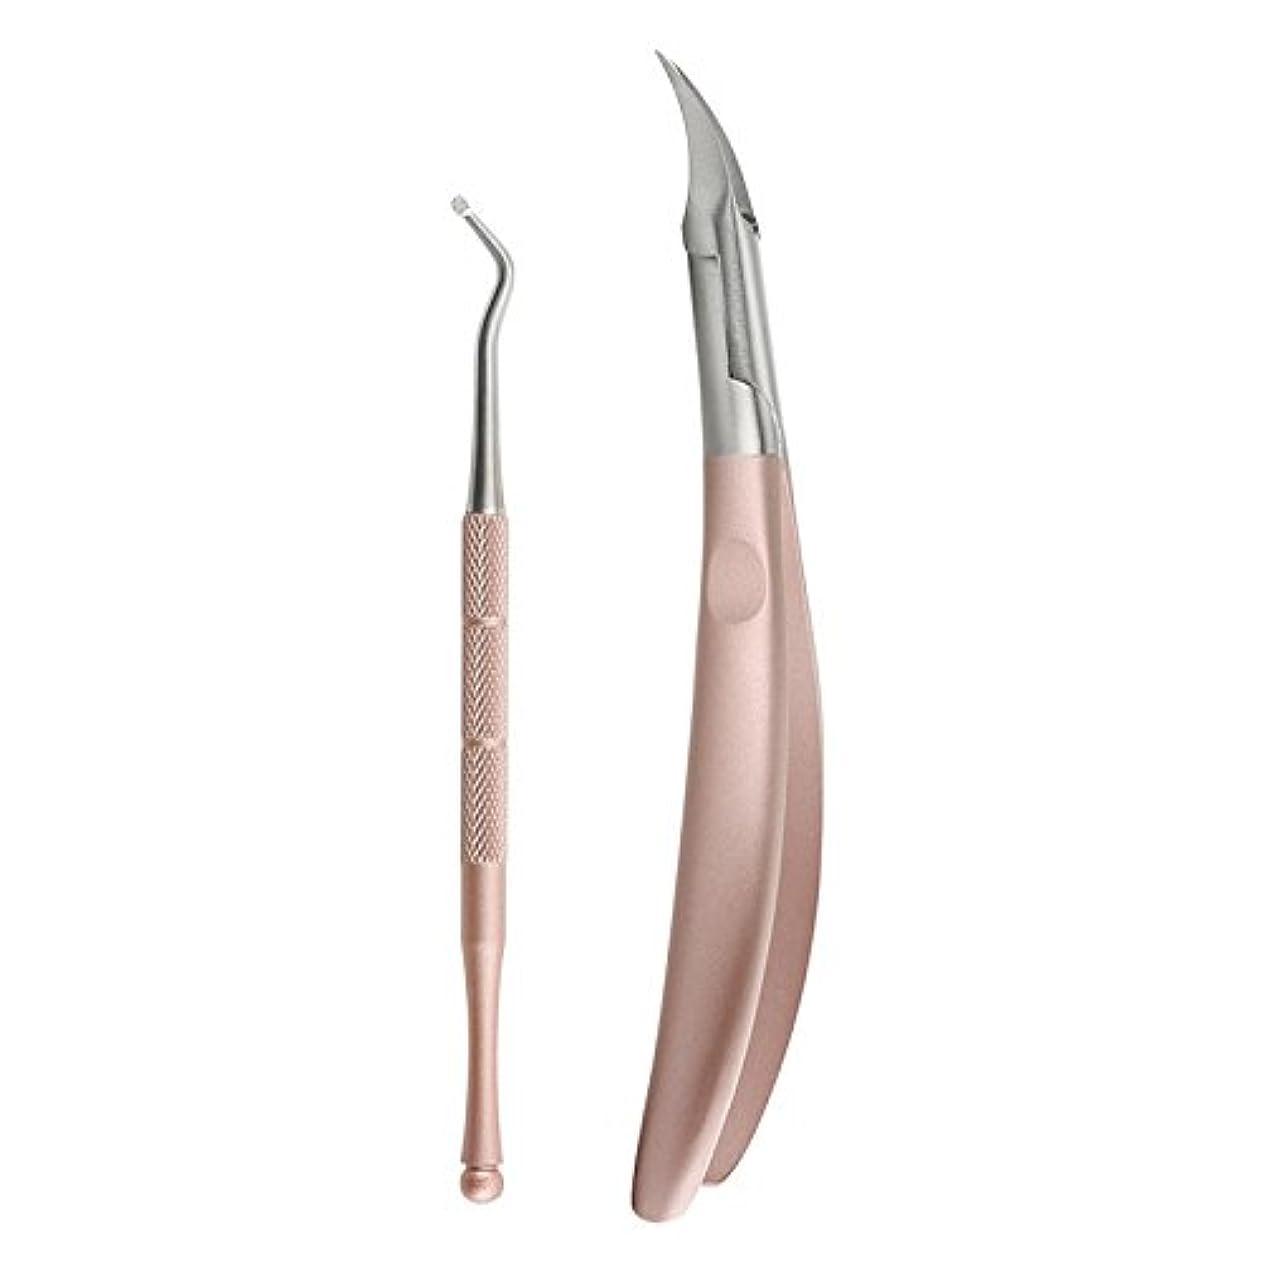 着実にわかるフレキシブルMoontay 2PCS 爪切り ニッパー 足 ブラック ステンレス製 足の手入れ (ピンク)